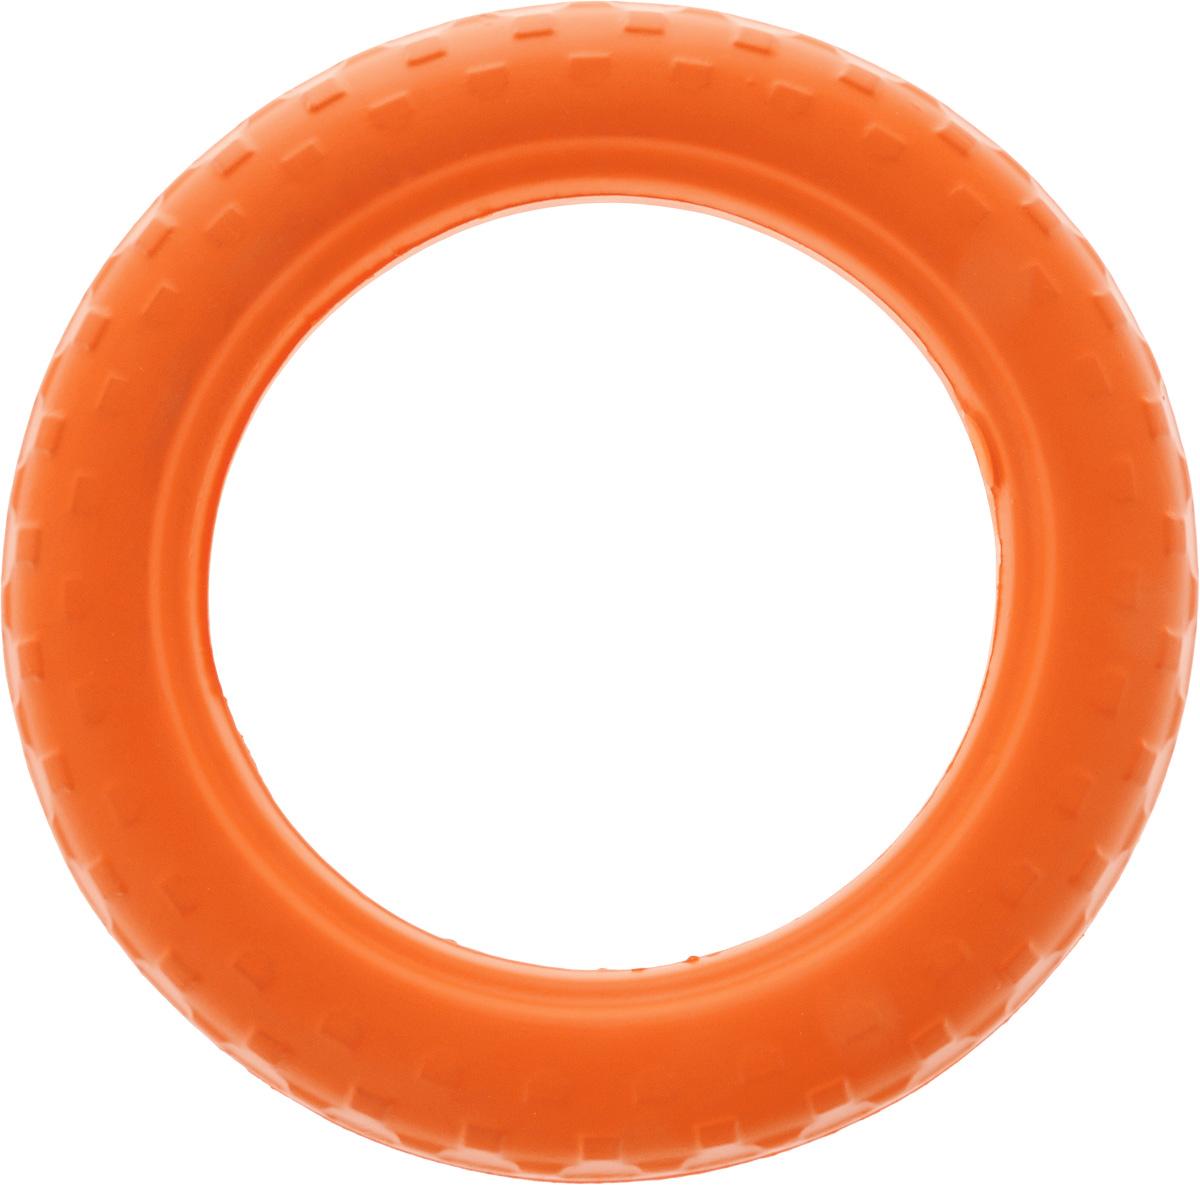 Игрушка для животных Doglike Шинка для колеса. Средняя, цвет: оранжевый, диаметр 27 смDH 7514Doglike Шинка для колеса. Средняя - простая и незамысловатая игрушка для собак, которая способна решить многие проблемы здоровья вашего четвероногого любимца. Если ваш пес портит мебель, излишне агрессивен, непослушен или страдает излишним весом то, скорее всего, корень всех бед кроется в недостаточной физической и эмоциональной нагрузке. Порадуйте своего питомца прекрасным и качественным подарком. Диаметр игрушки: 27 см.